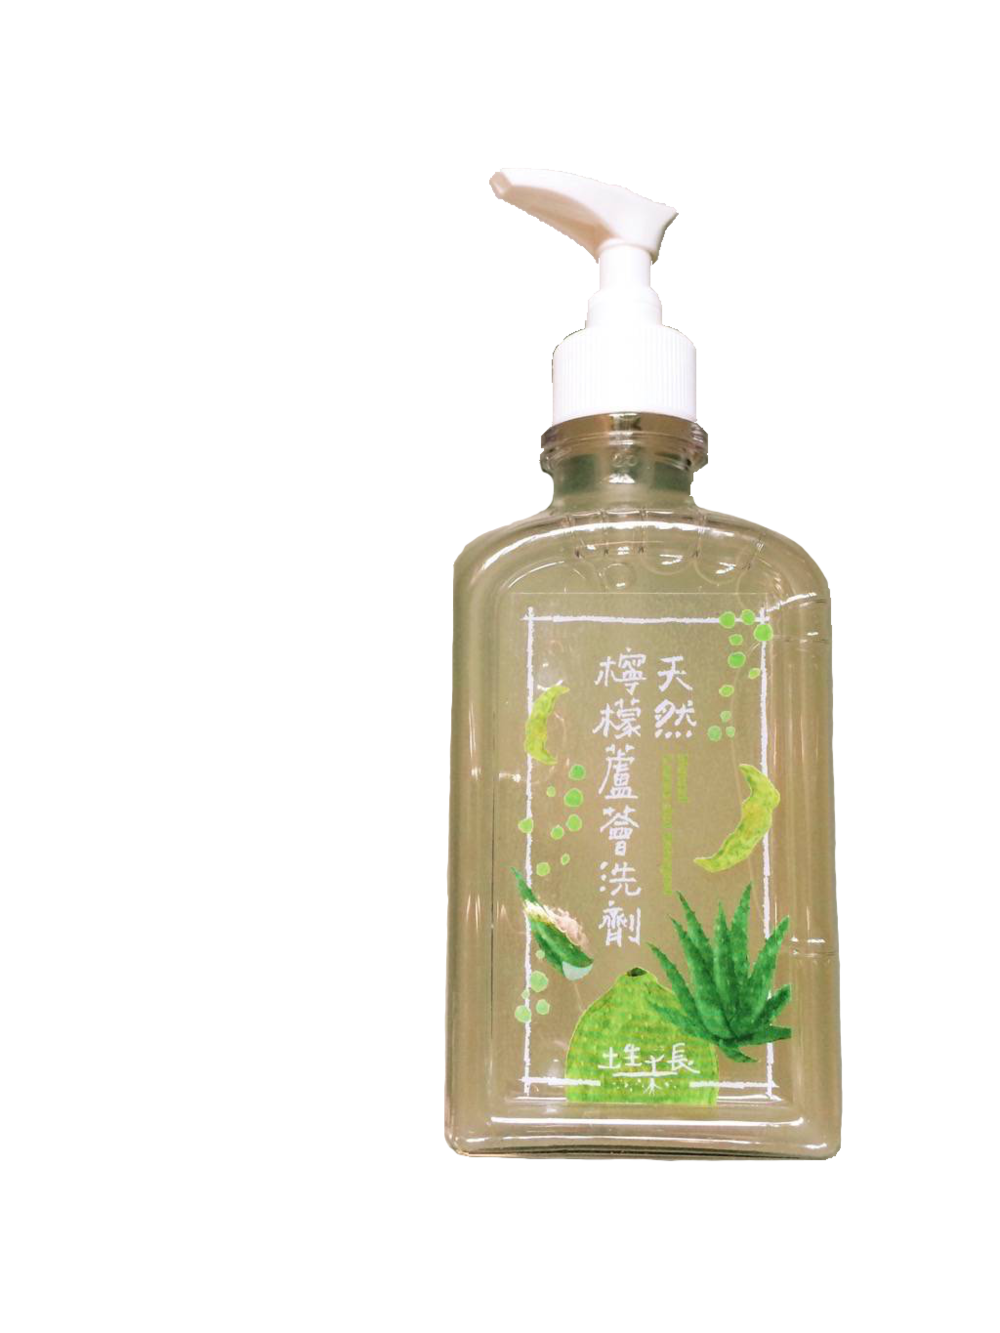 手工蘆薈檸檬洗劑